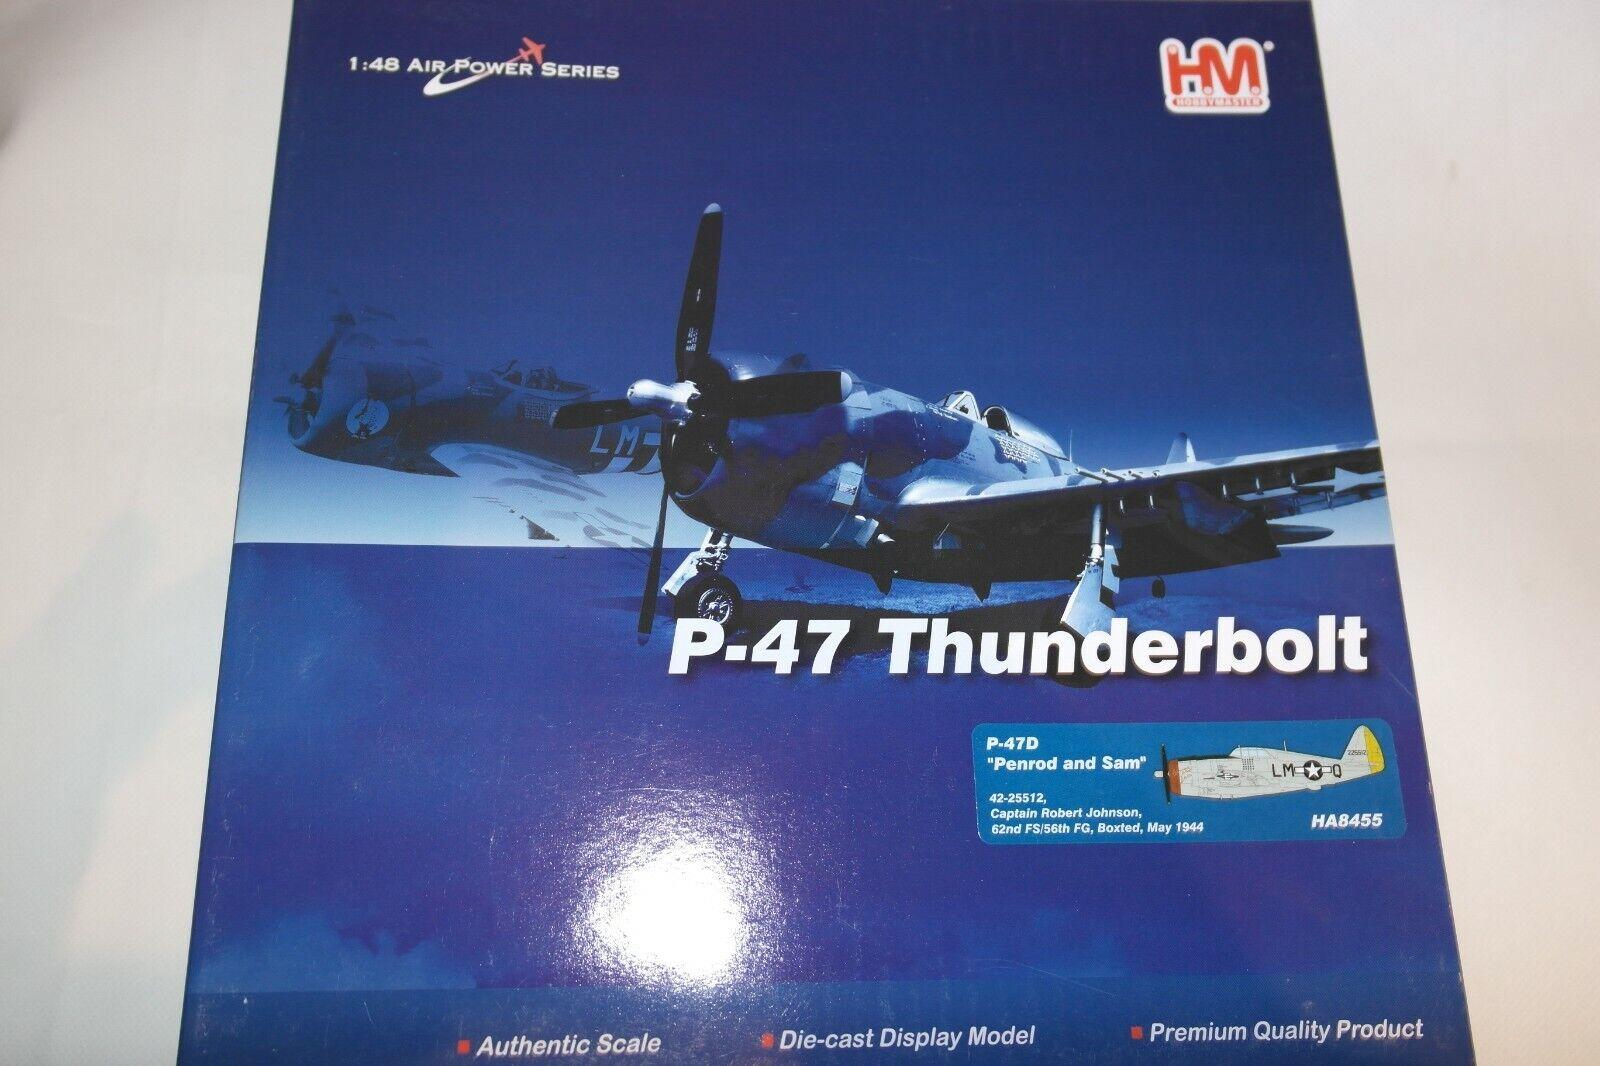 HOBBY MASTER 1:48 P-47D THUNDERBOLT PENROD AND SAM 42-25512 62ND FS 56TH FG 1944